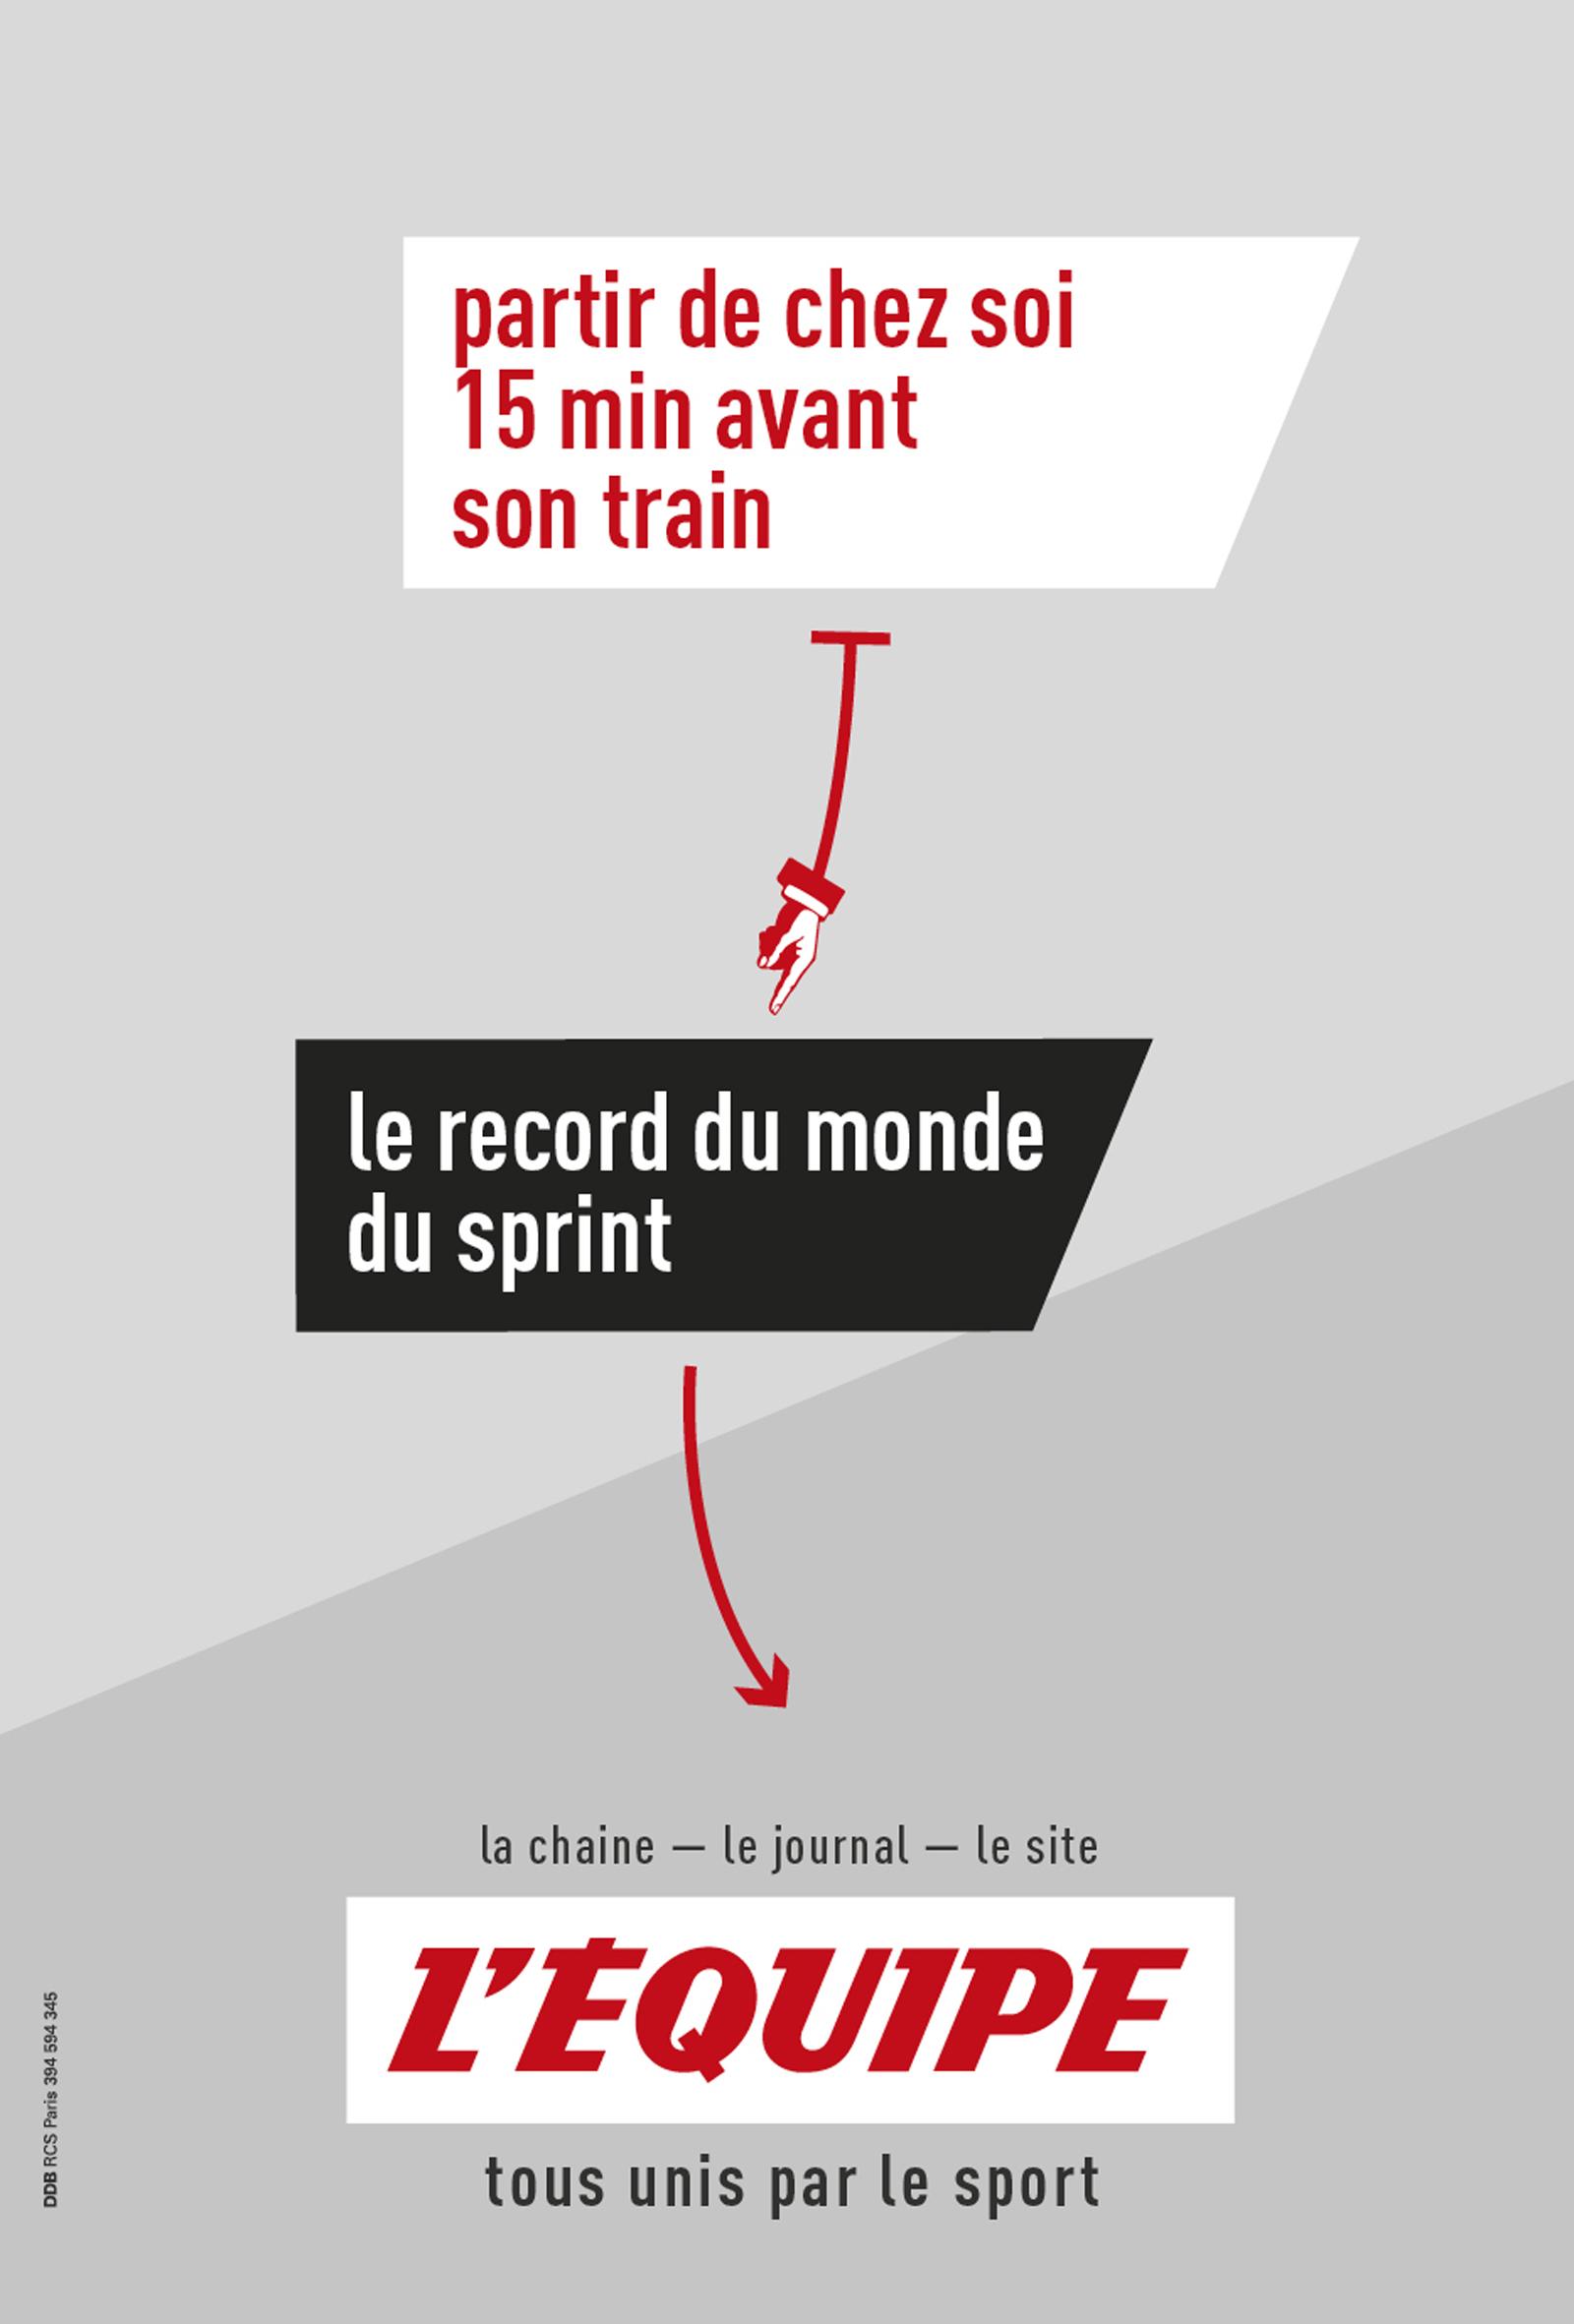 lequipe-journal-publicite-marketing-affichage-tous-unis-par-le-sport-ddb-paris-2